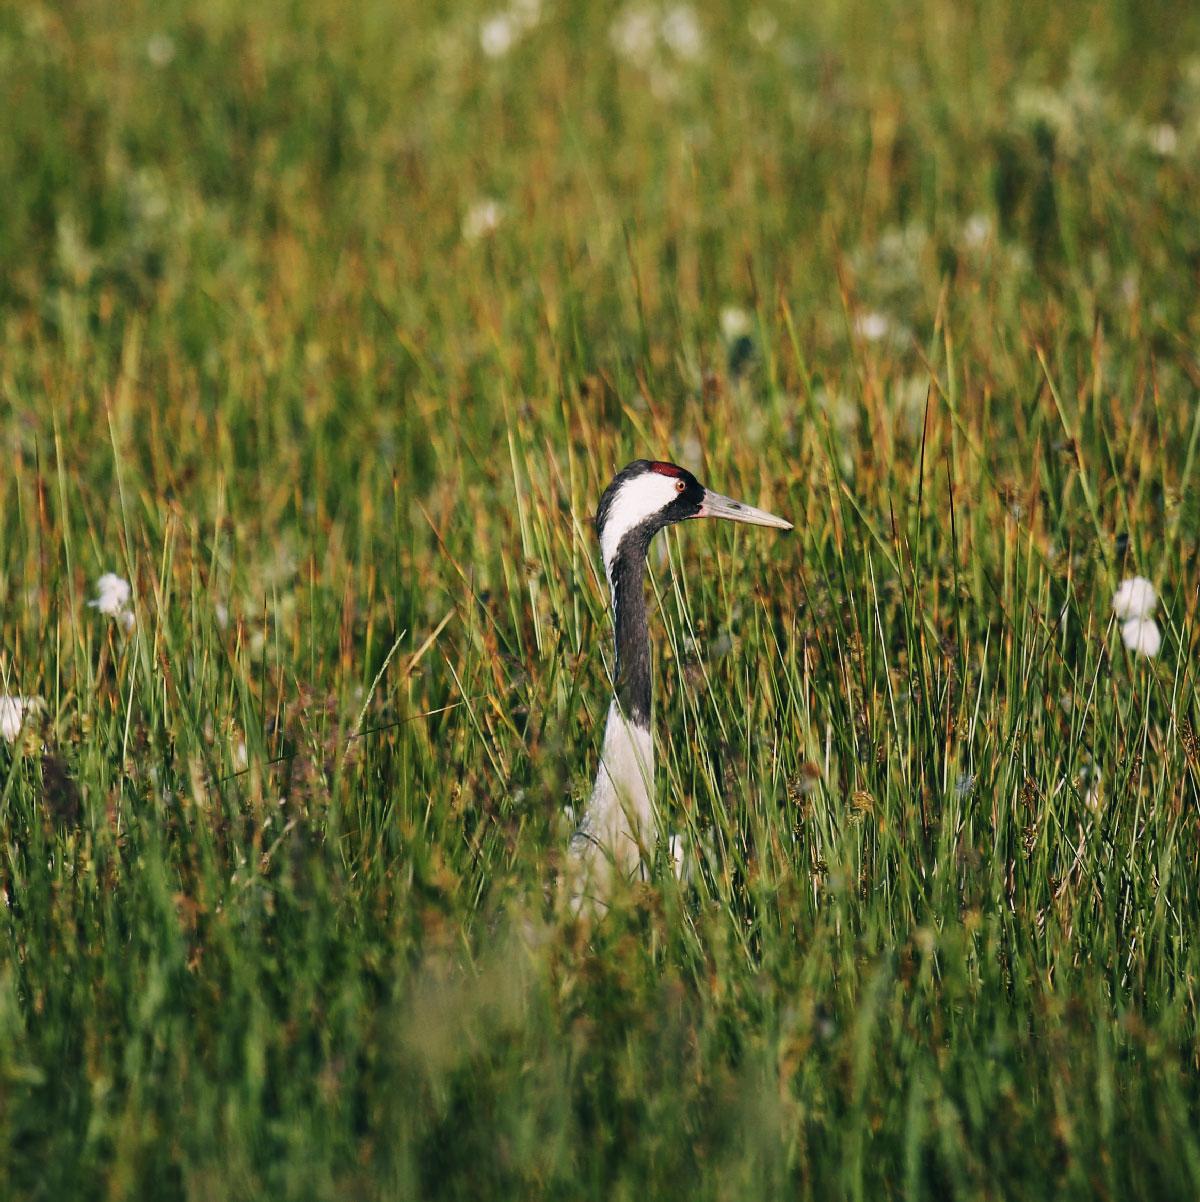 En trane titer op af græsset med dens lange hals og spidse næb.